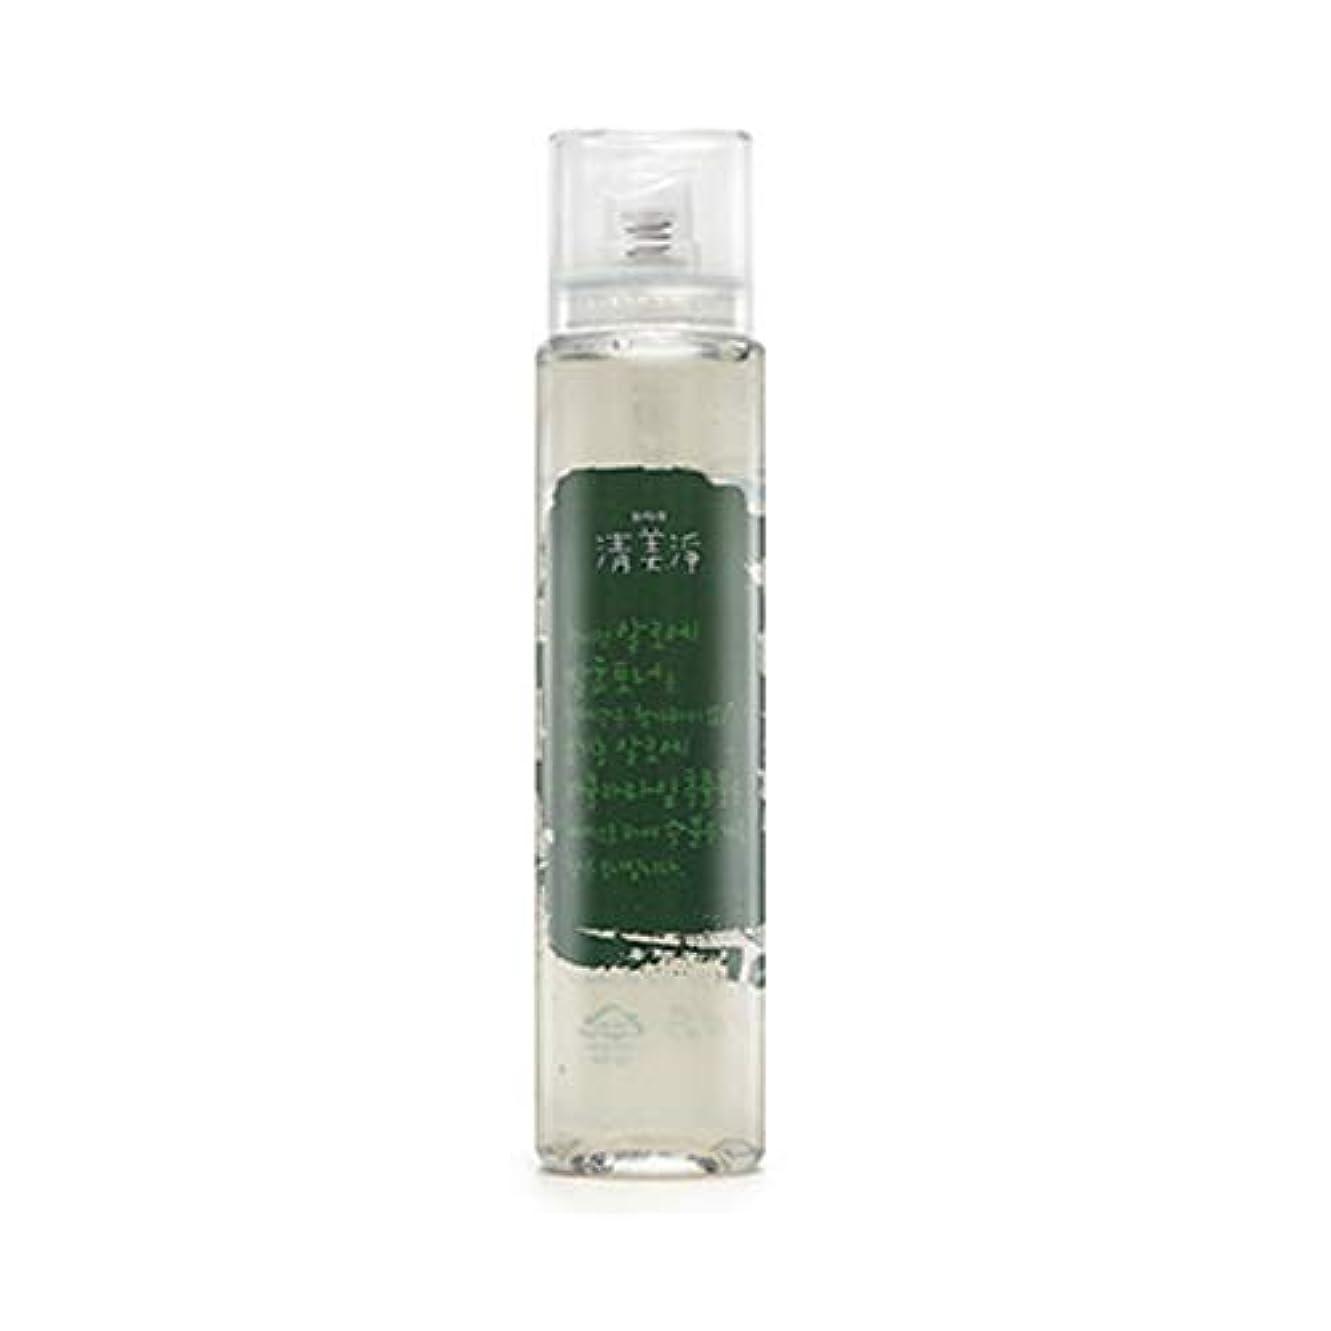 休憩する彼征服者[ChungMiJung] 清美浄(チョンミジョン) アロエ発酵トナー 140ml Aloe Fermentation Toner - 98% Organic Faicial Toner Skin Refresher Korean...